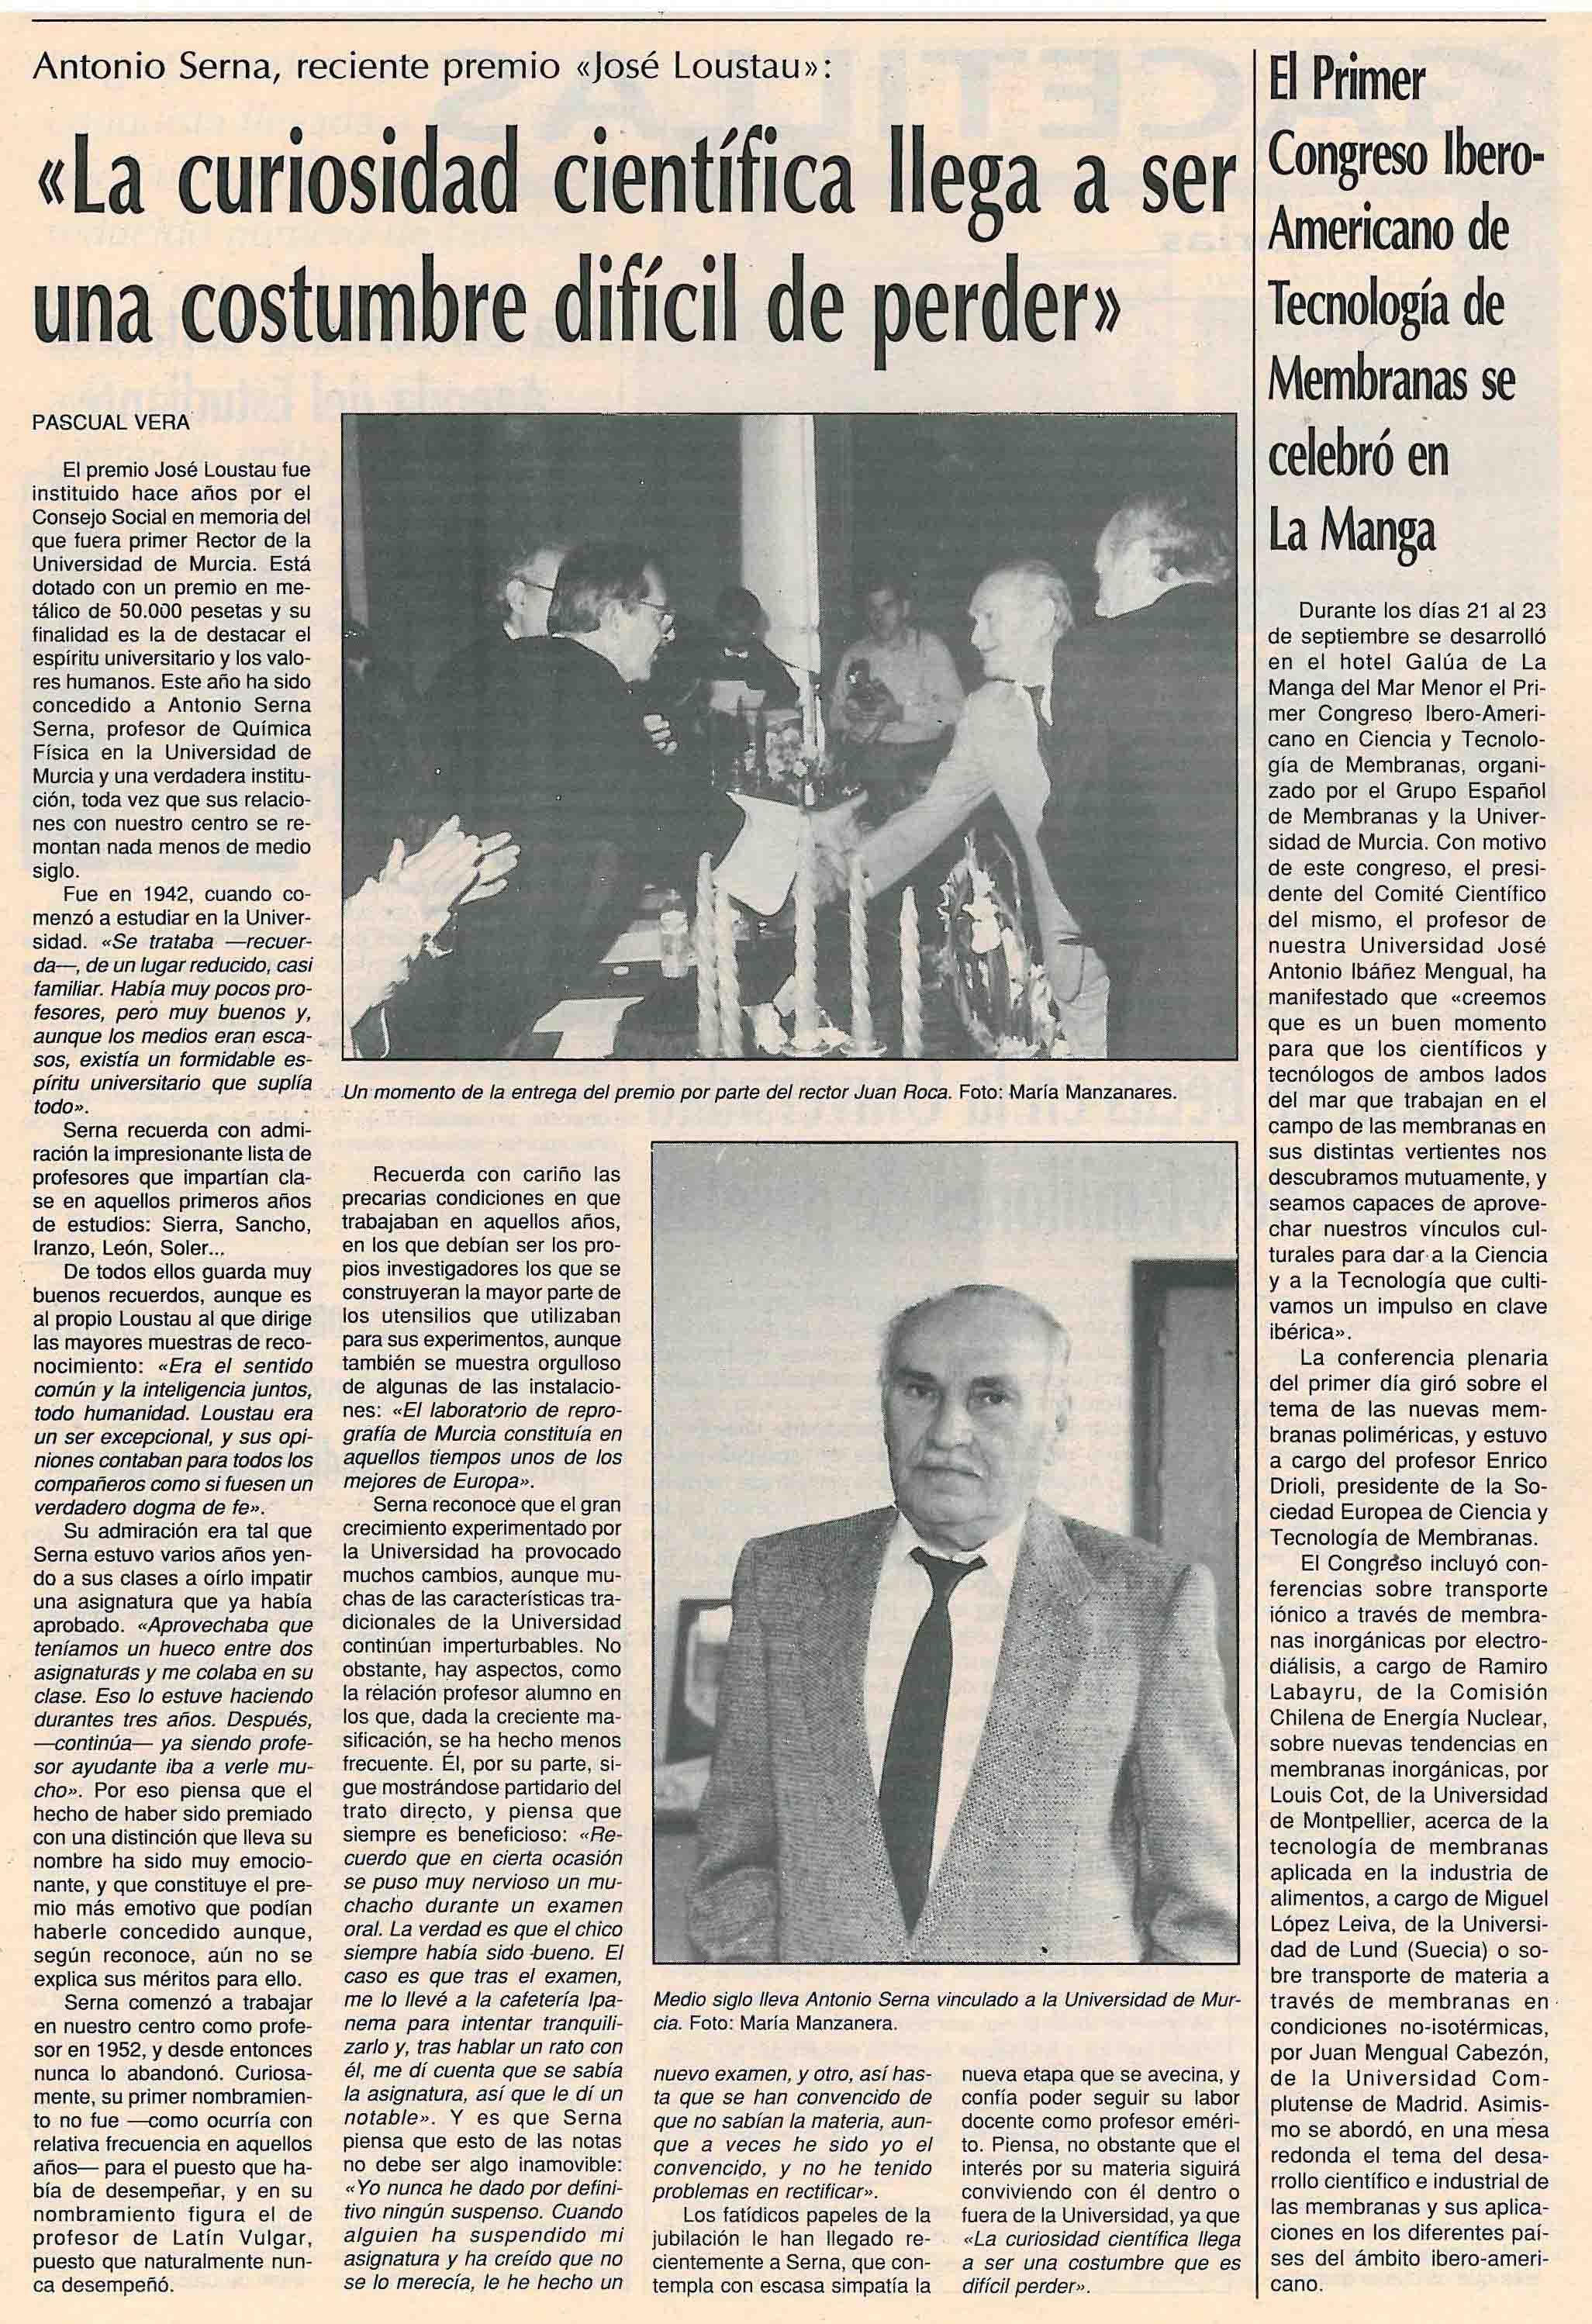 En la entrevista a Antonio Serna, éste hablaba de sus recuerdos en la universidad de Murcia.